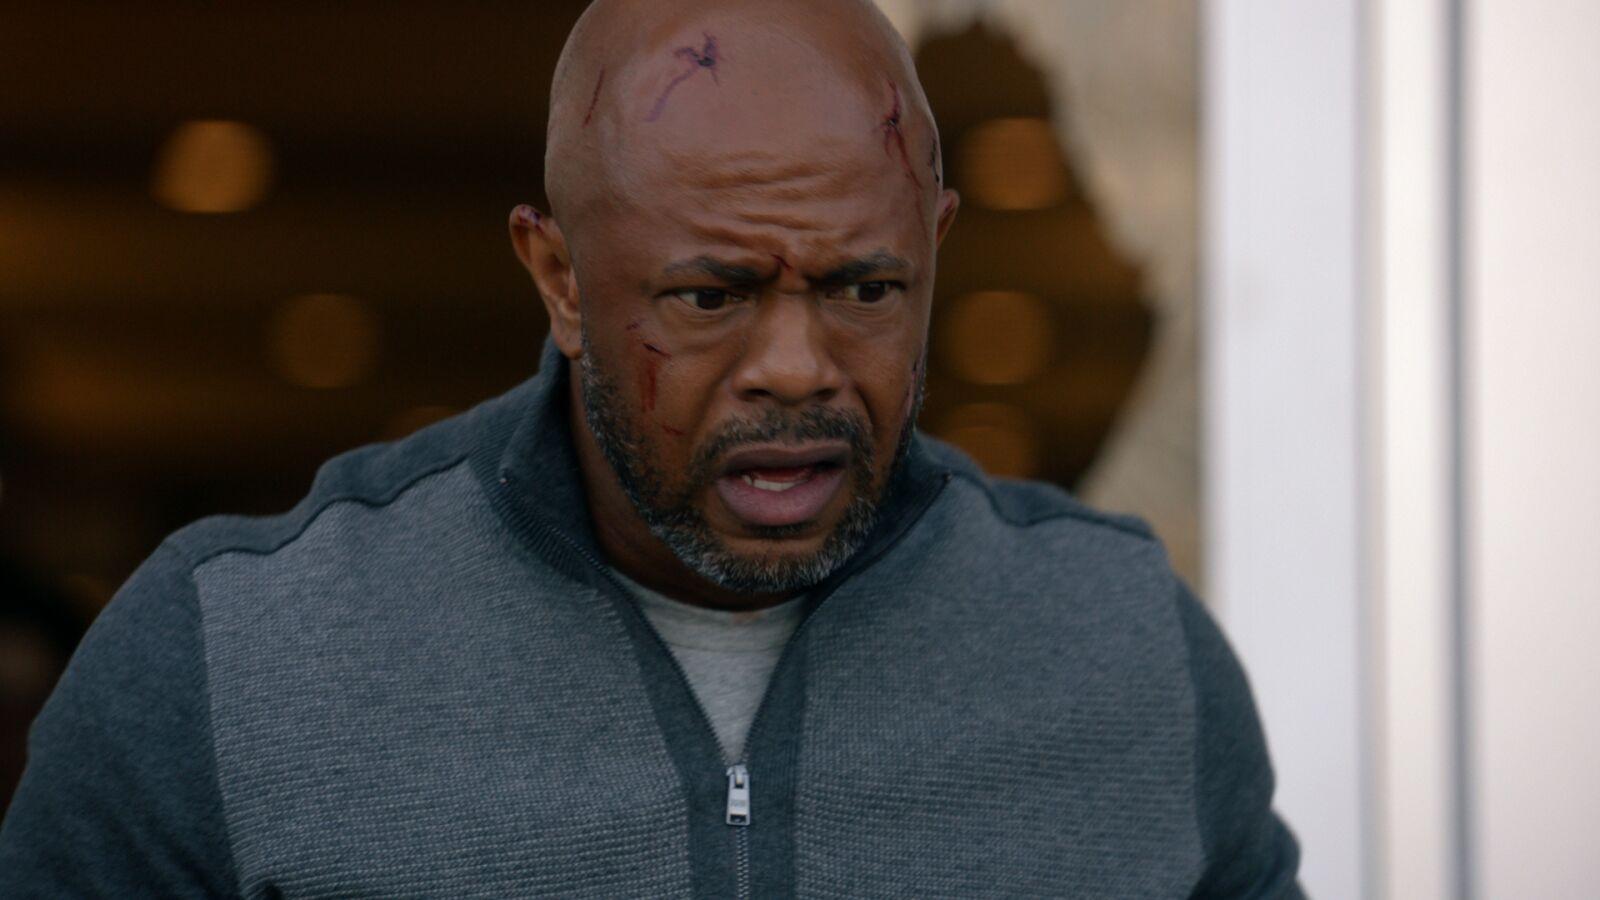 When will 9-1-1 Season 3 return in 2020?